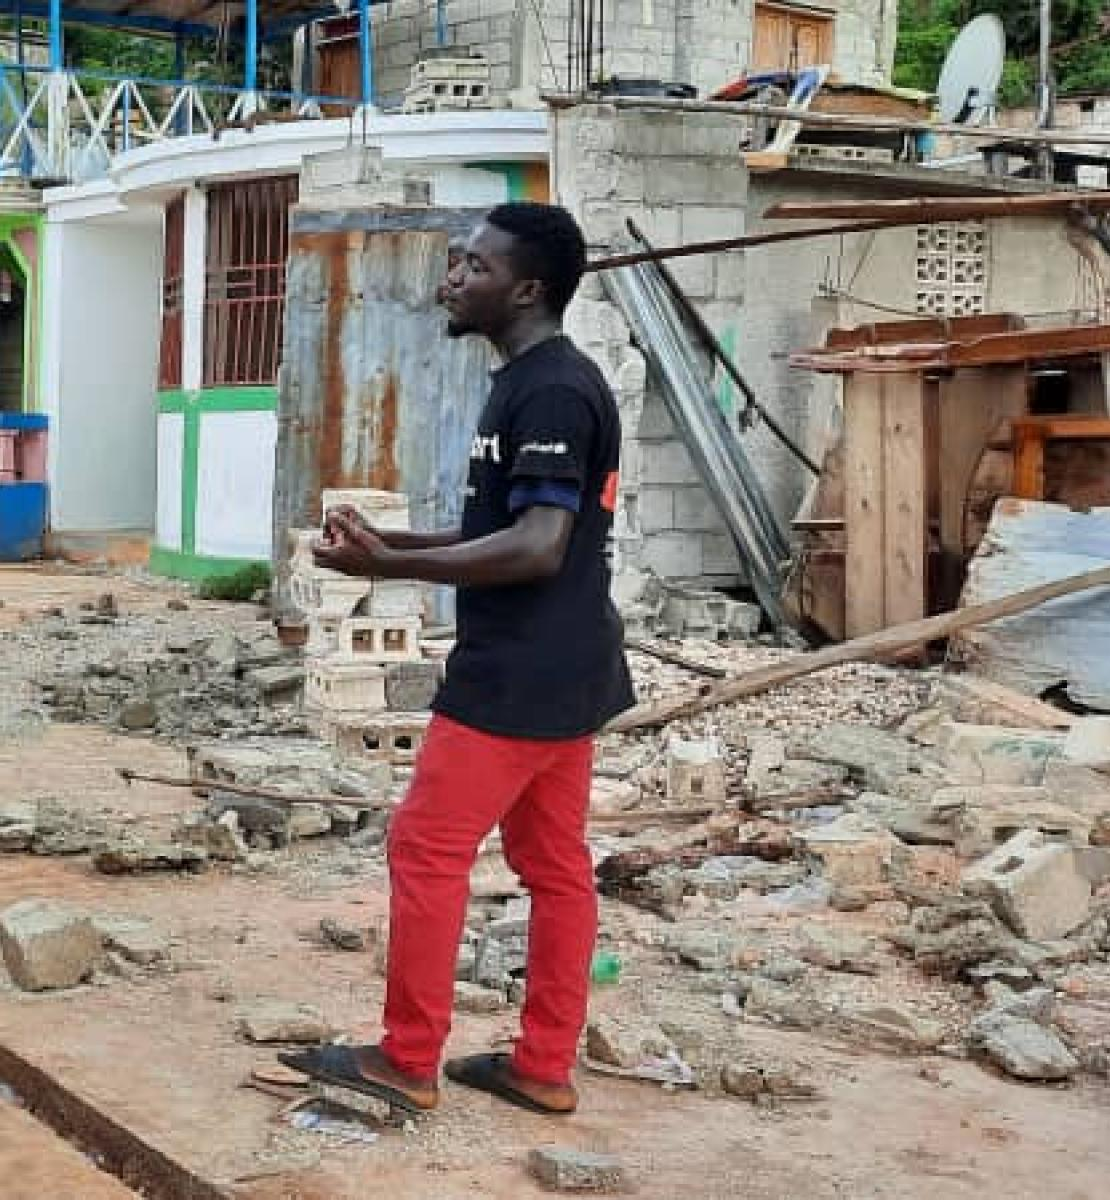 一个穿红裤子的年轻人在地震造成的废墟附近对一大群志愿者和援助人员讲话。